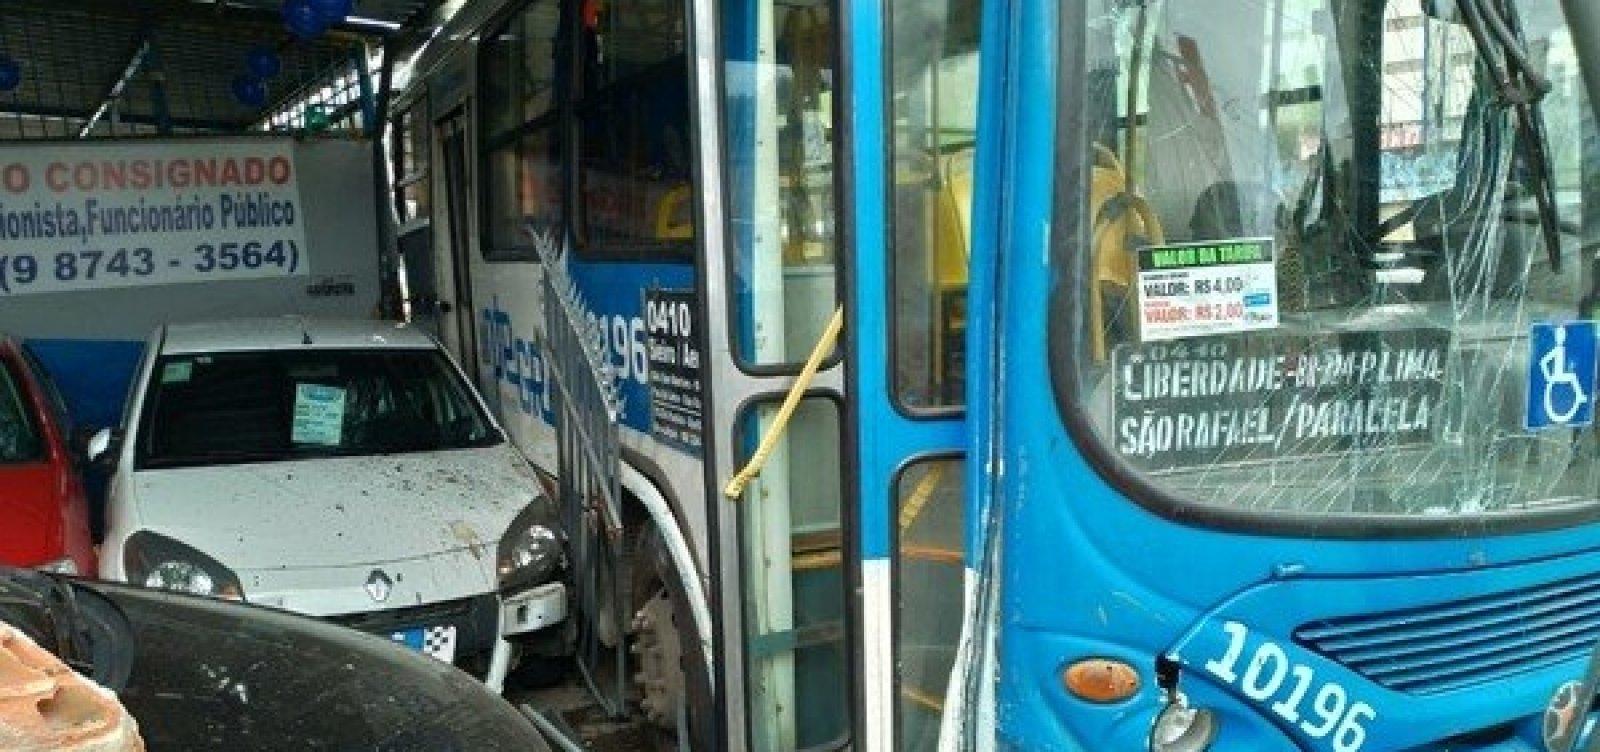 Três horas após acidente, ônibus que invadiu loja na Heitor Dias é retirado por guincho